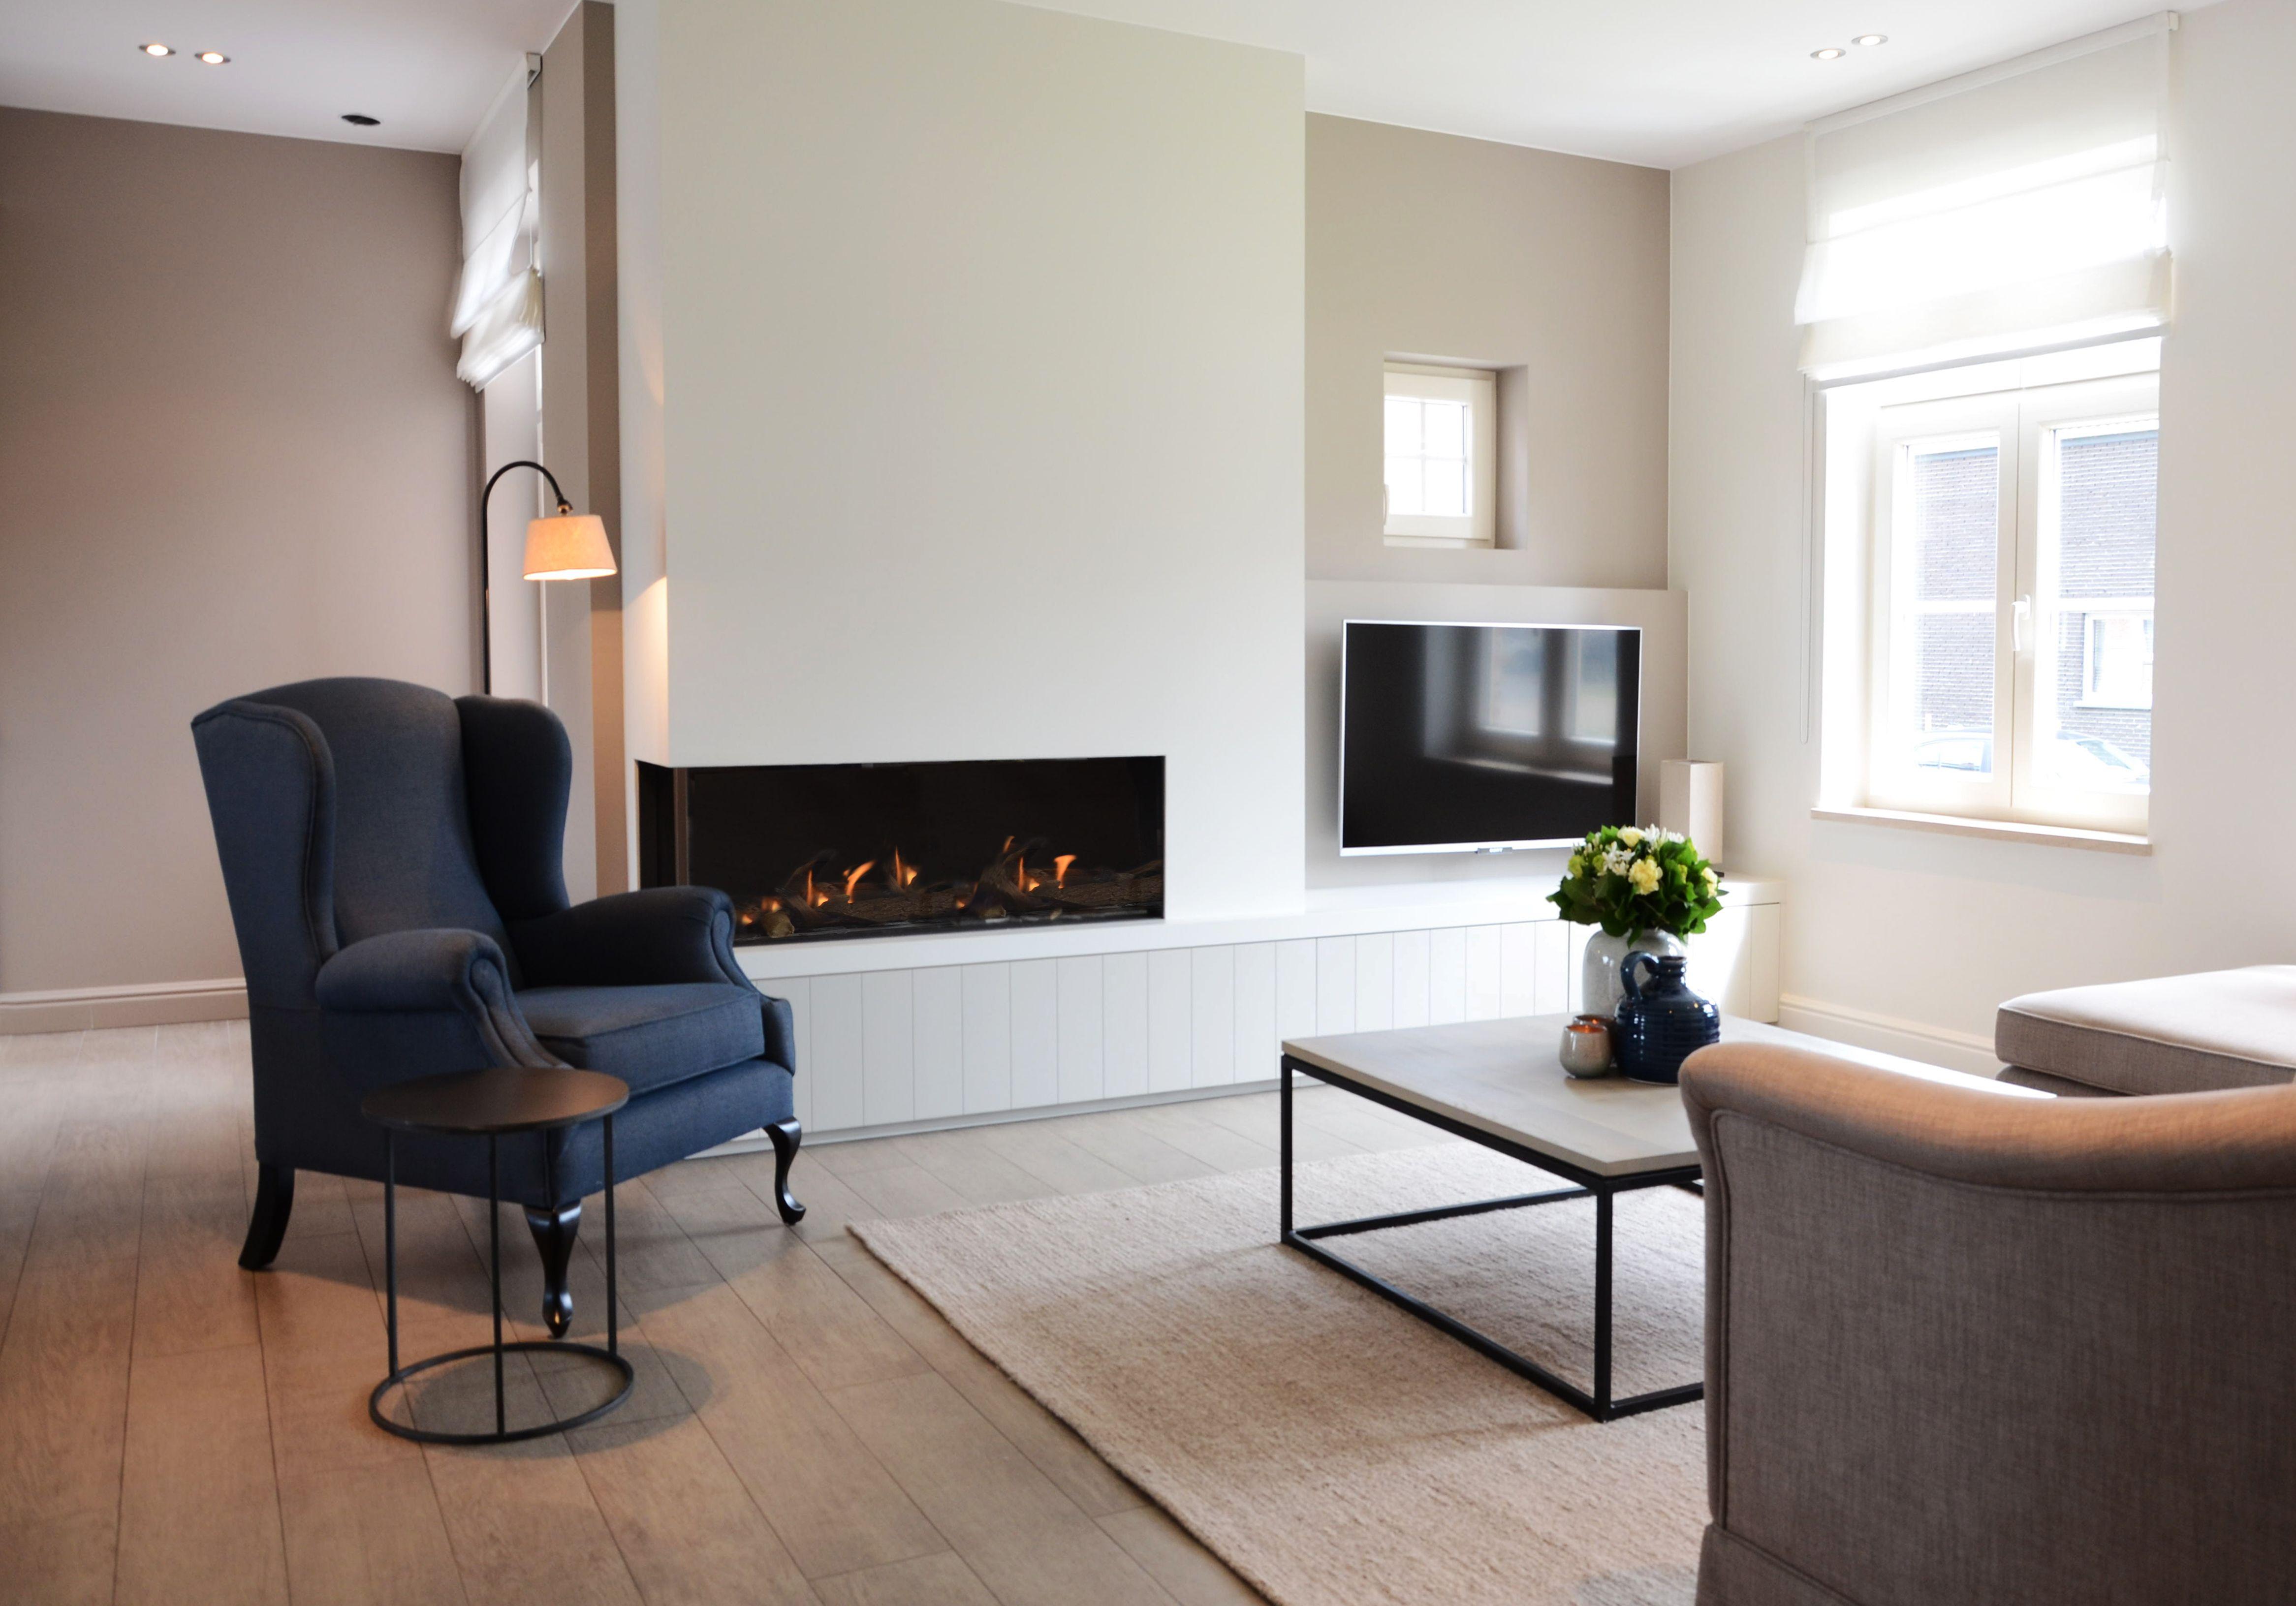 Durf strak modern te combineren met een landelijke stijl for Landelijke stijl interieur